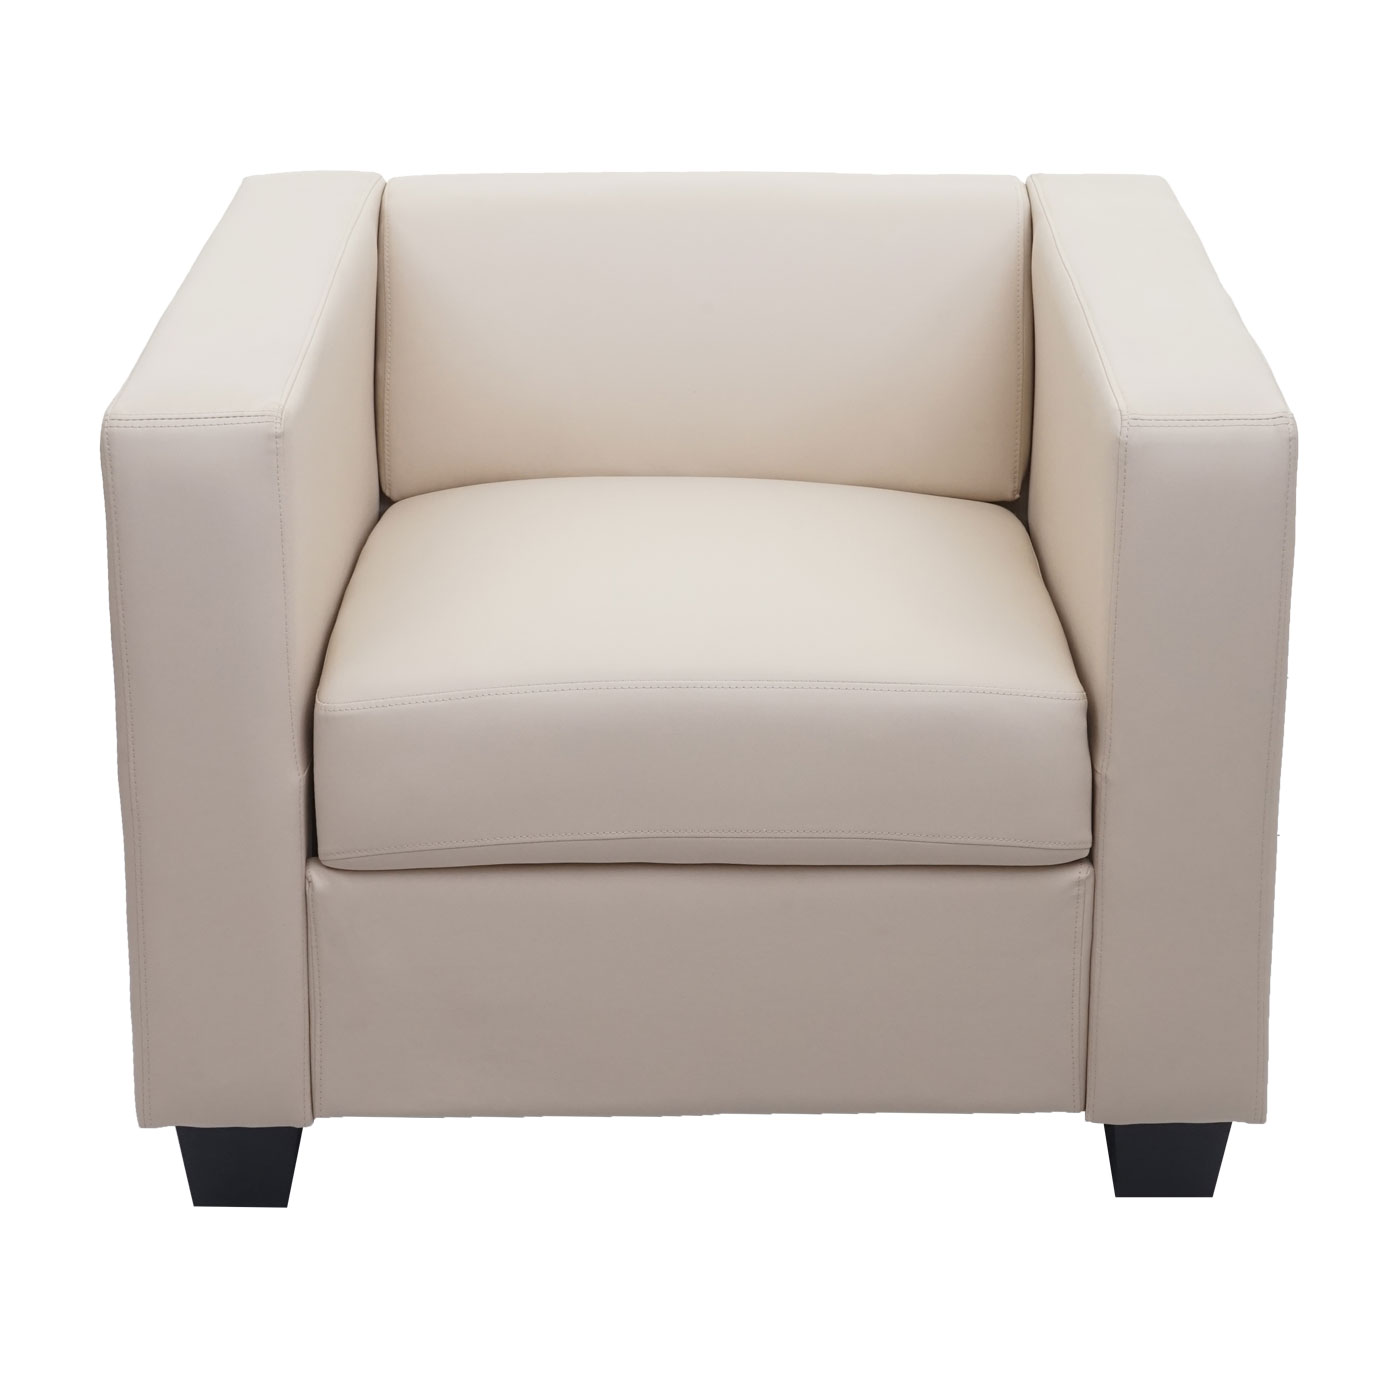 3-2-1 Sofagarnitur Couchgarnitur Loungesofa Lille Sessel einzeln